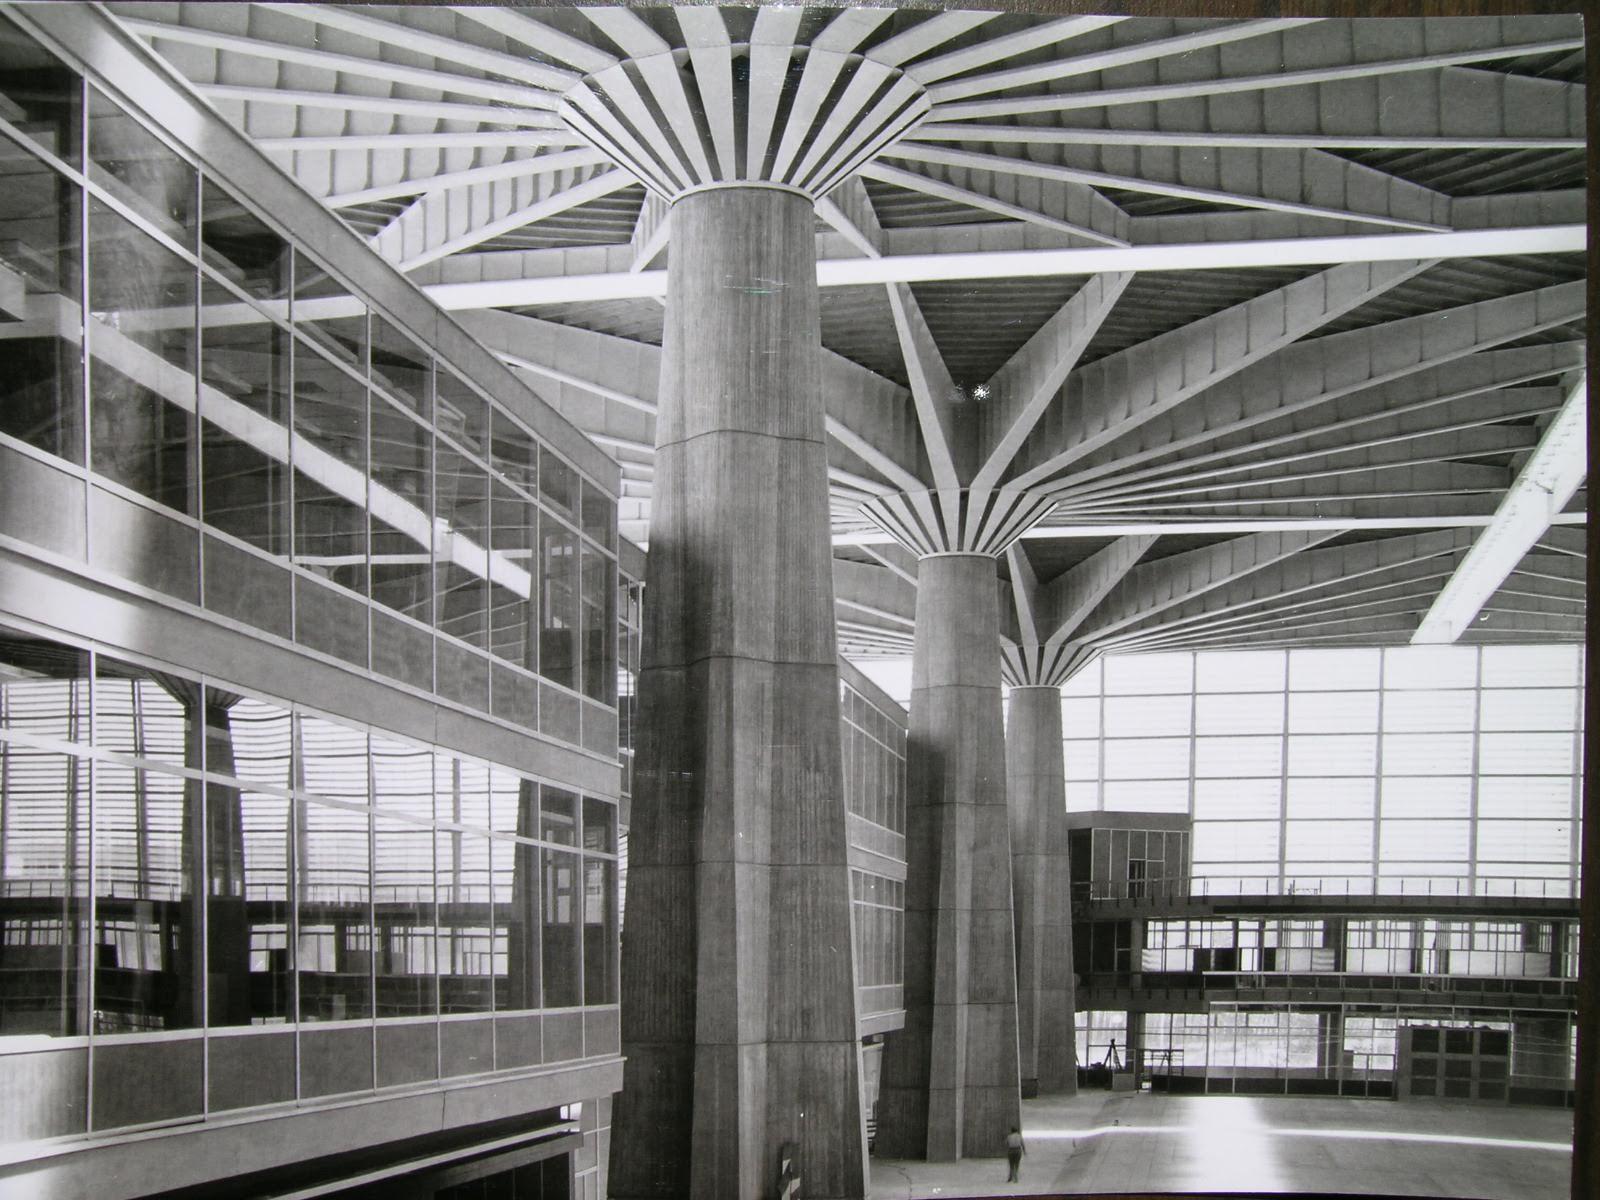 Lavoro Per Architetti Torino cronistoria di una vita grama: il palazzo del lavoro dal